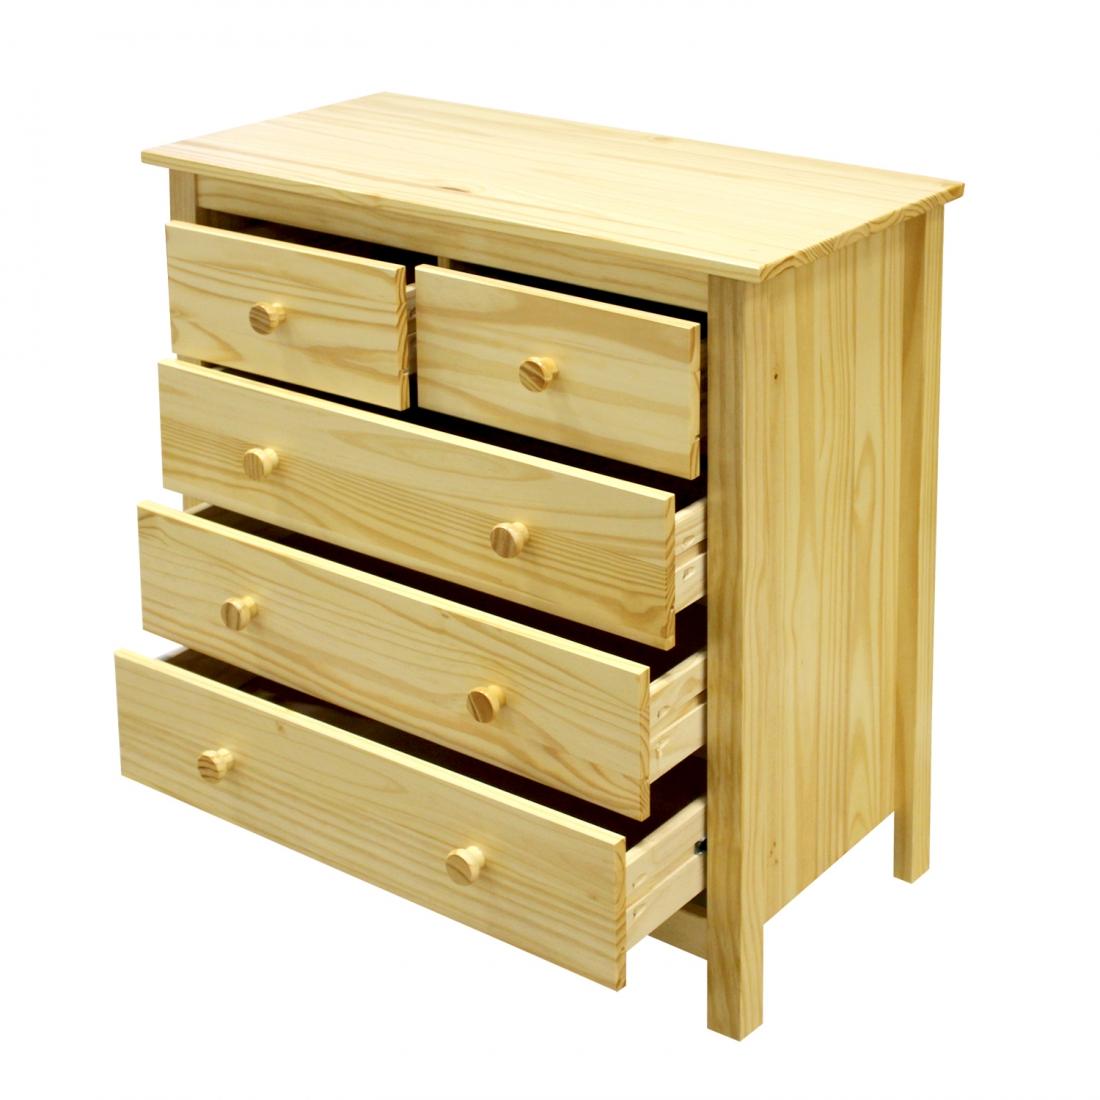 <![CDATA[Komoda ( prádelník ) z masivu borovice Torino 8091 lakovaná Idea]]>